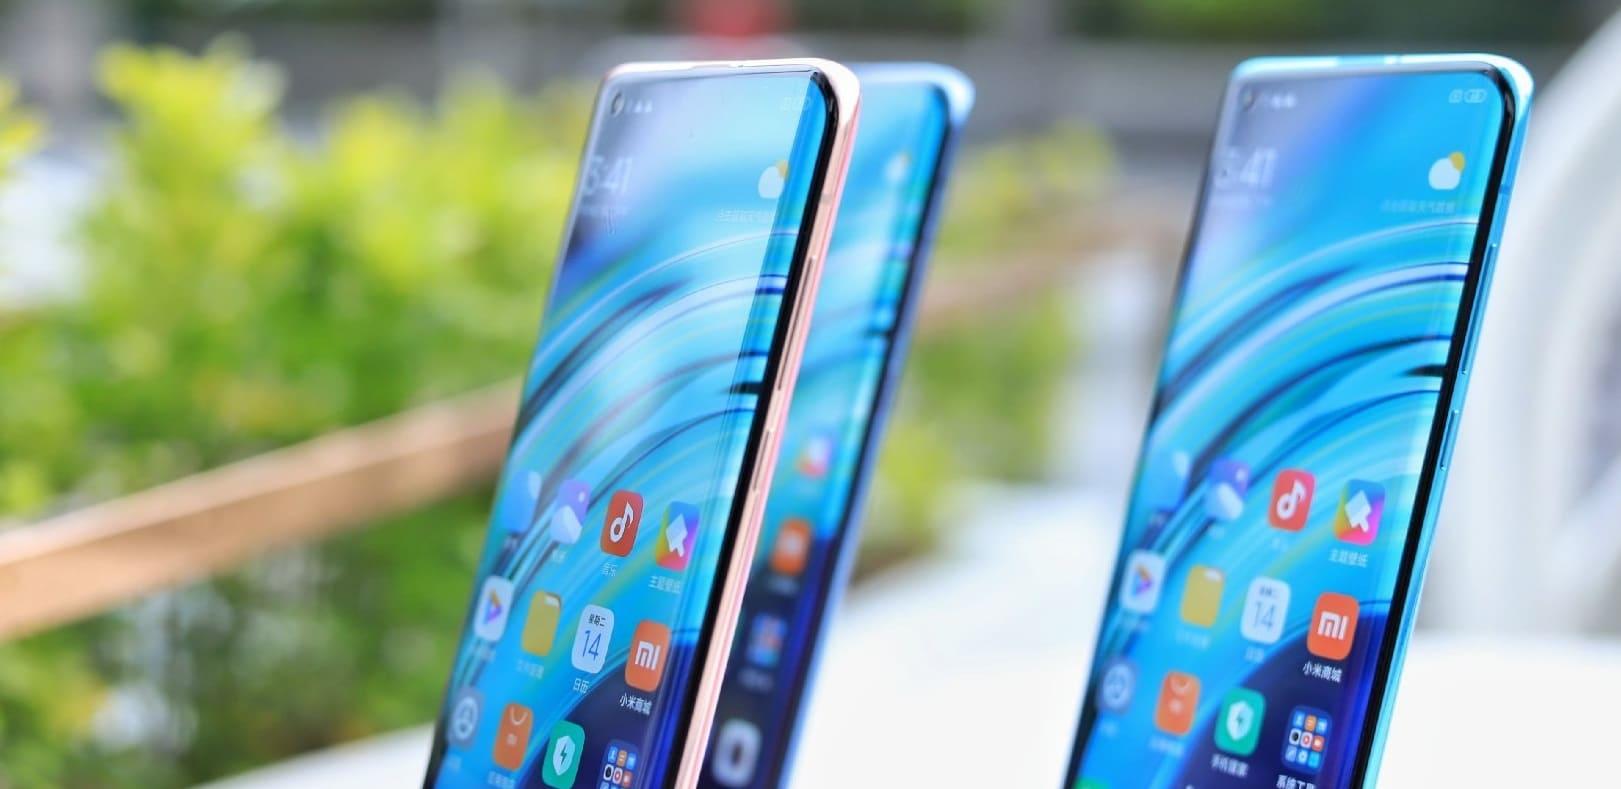 Новинки Xiaomi Mi 10 и Mi 10 Pro признаны лучшими в мире по камере и звуку